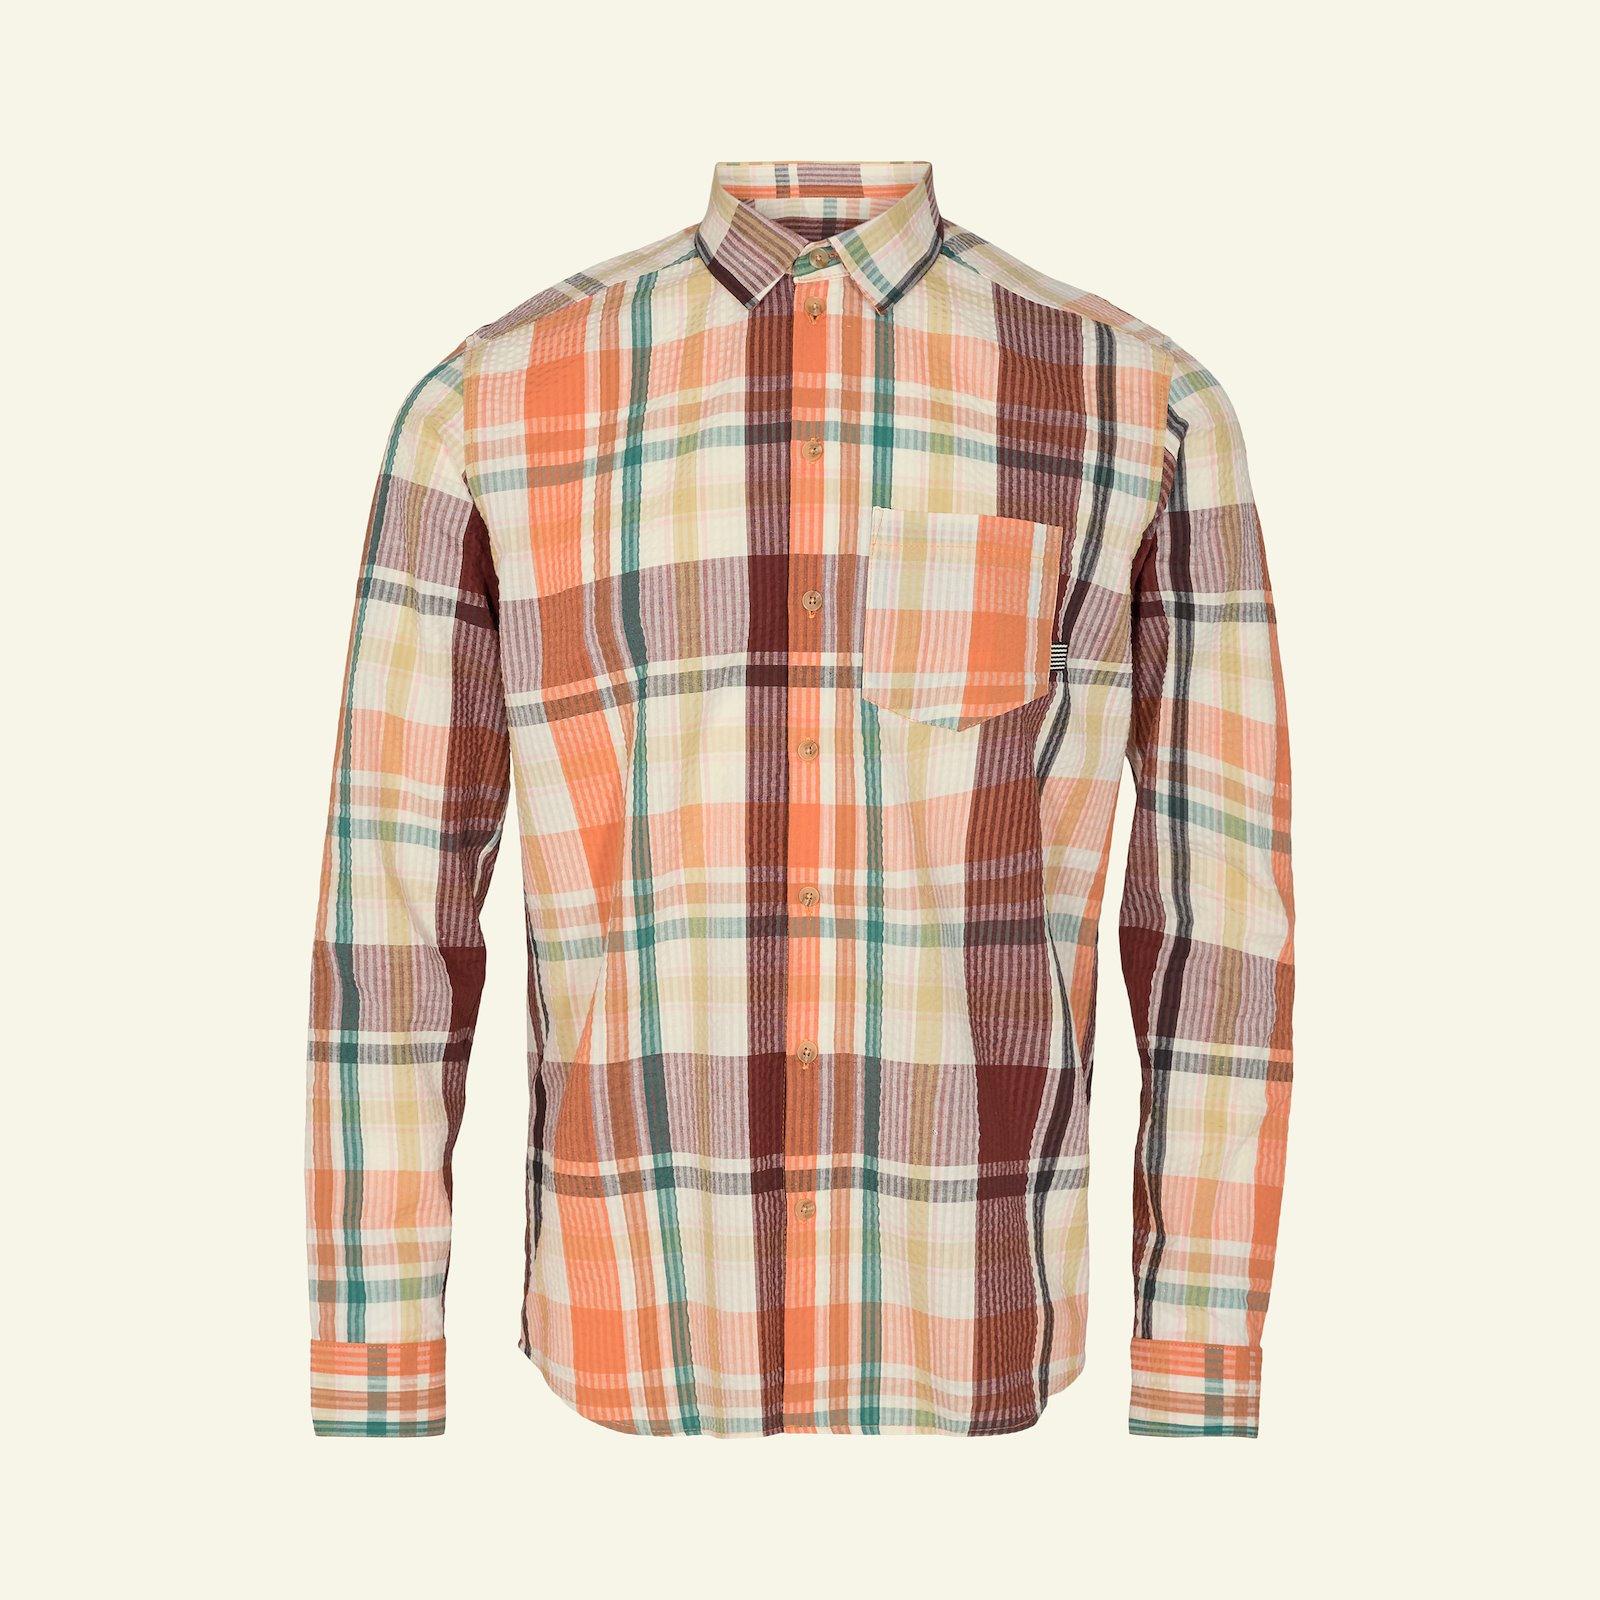 Shirt, XXL p87001_580049_33044_sskit